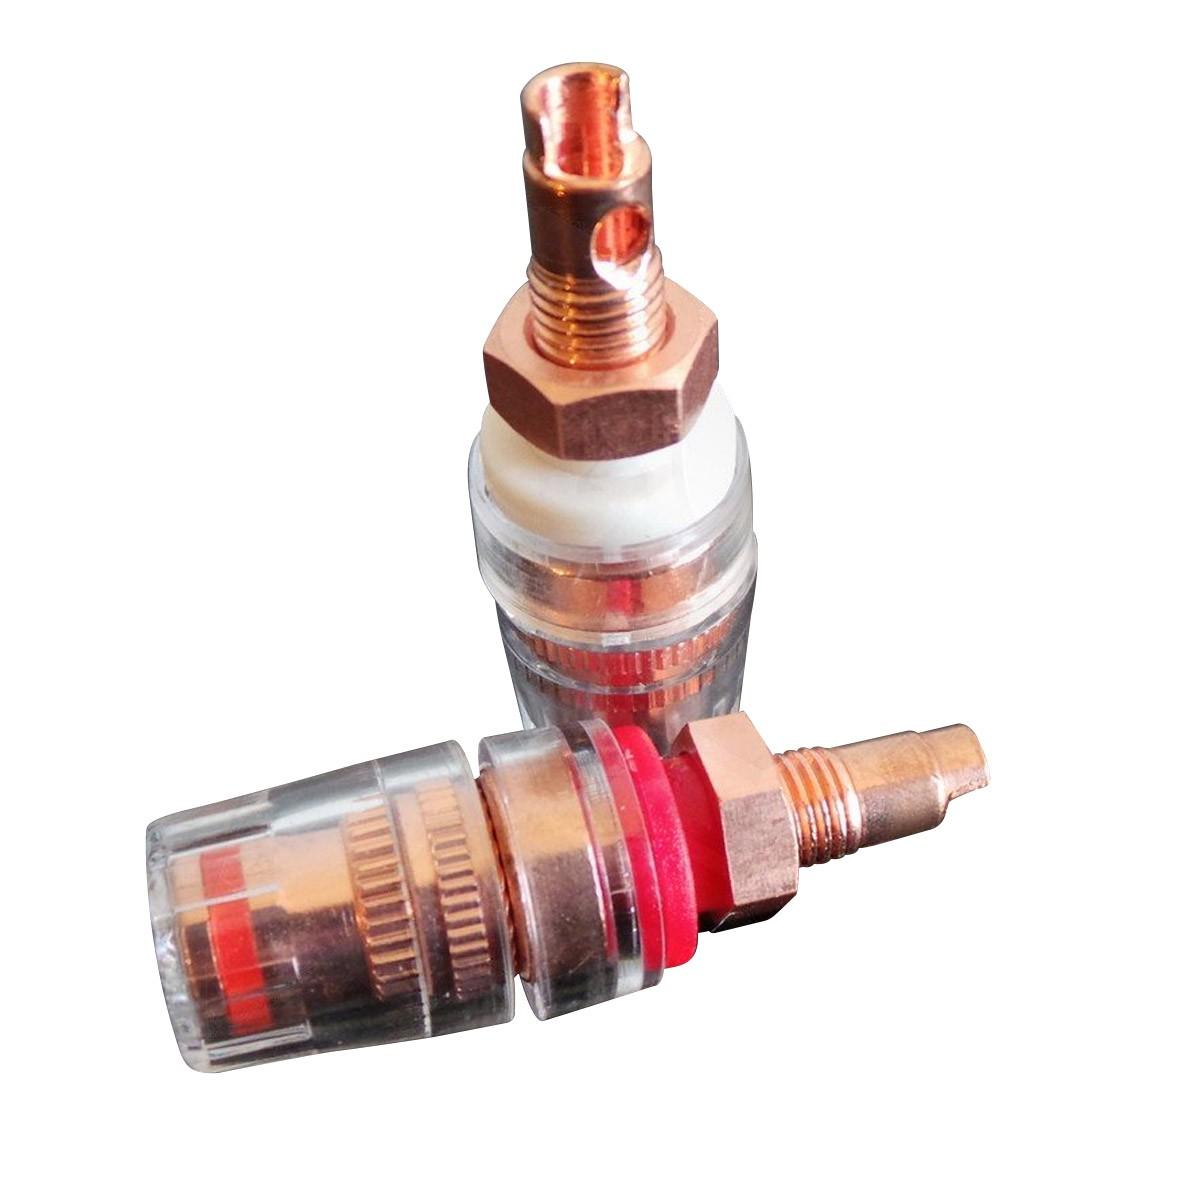 CC RCS S Borniers Courts Cuivre Red Copper Isolés Traitement Cryogénique (La paire)